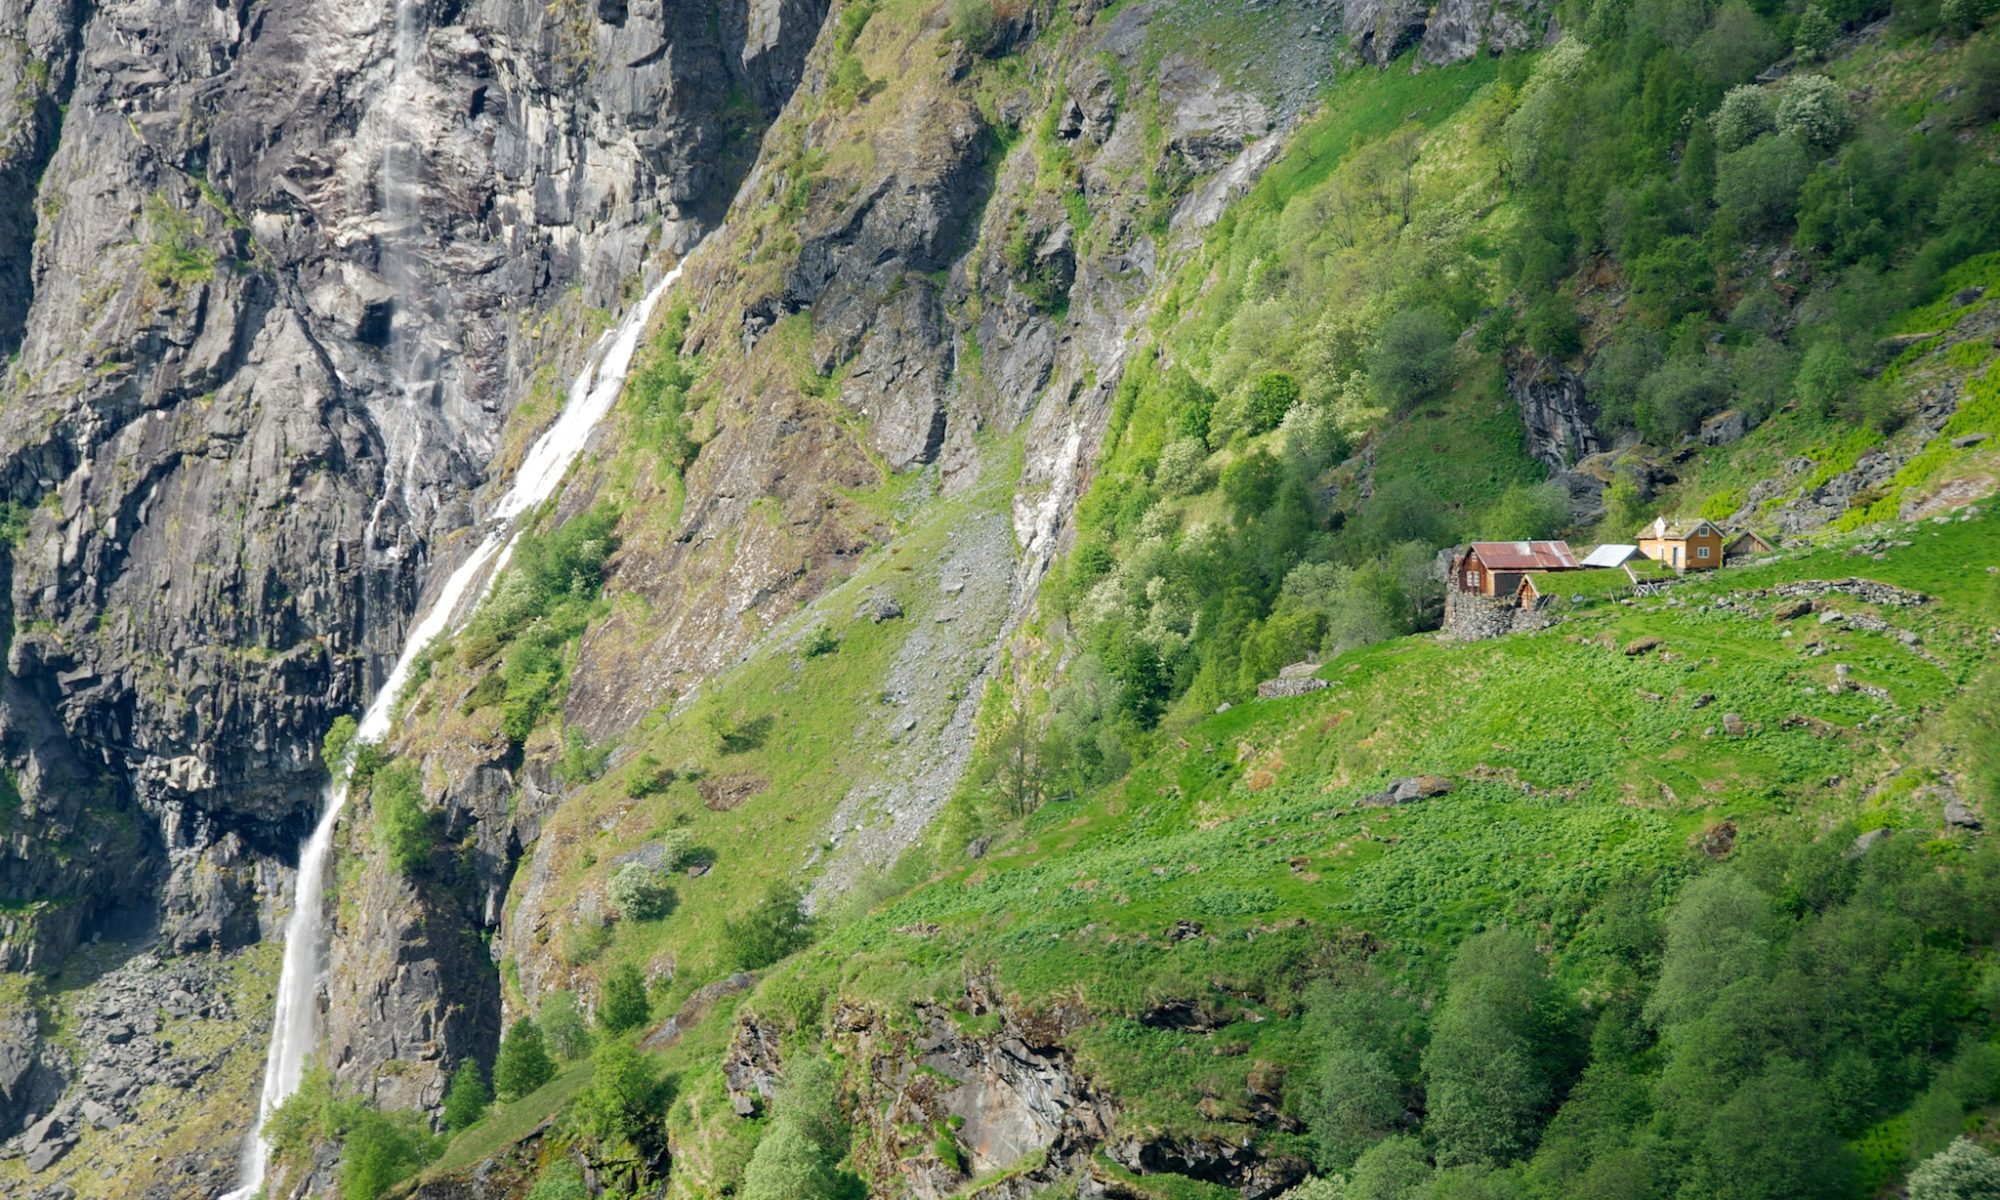 Sinjarheim Mountainfarm in the Aurlandsdalen Valley